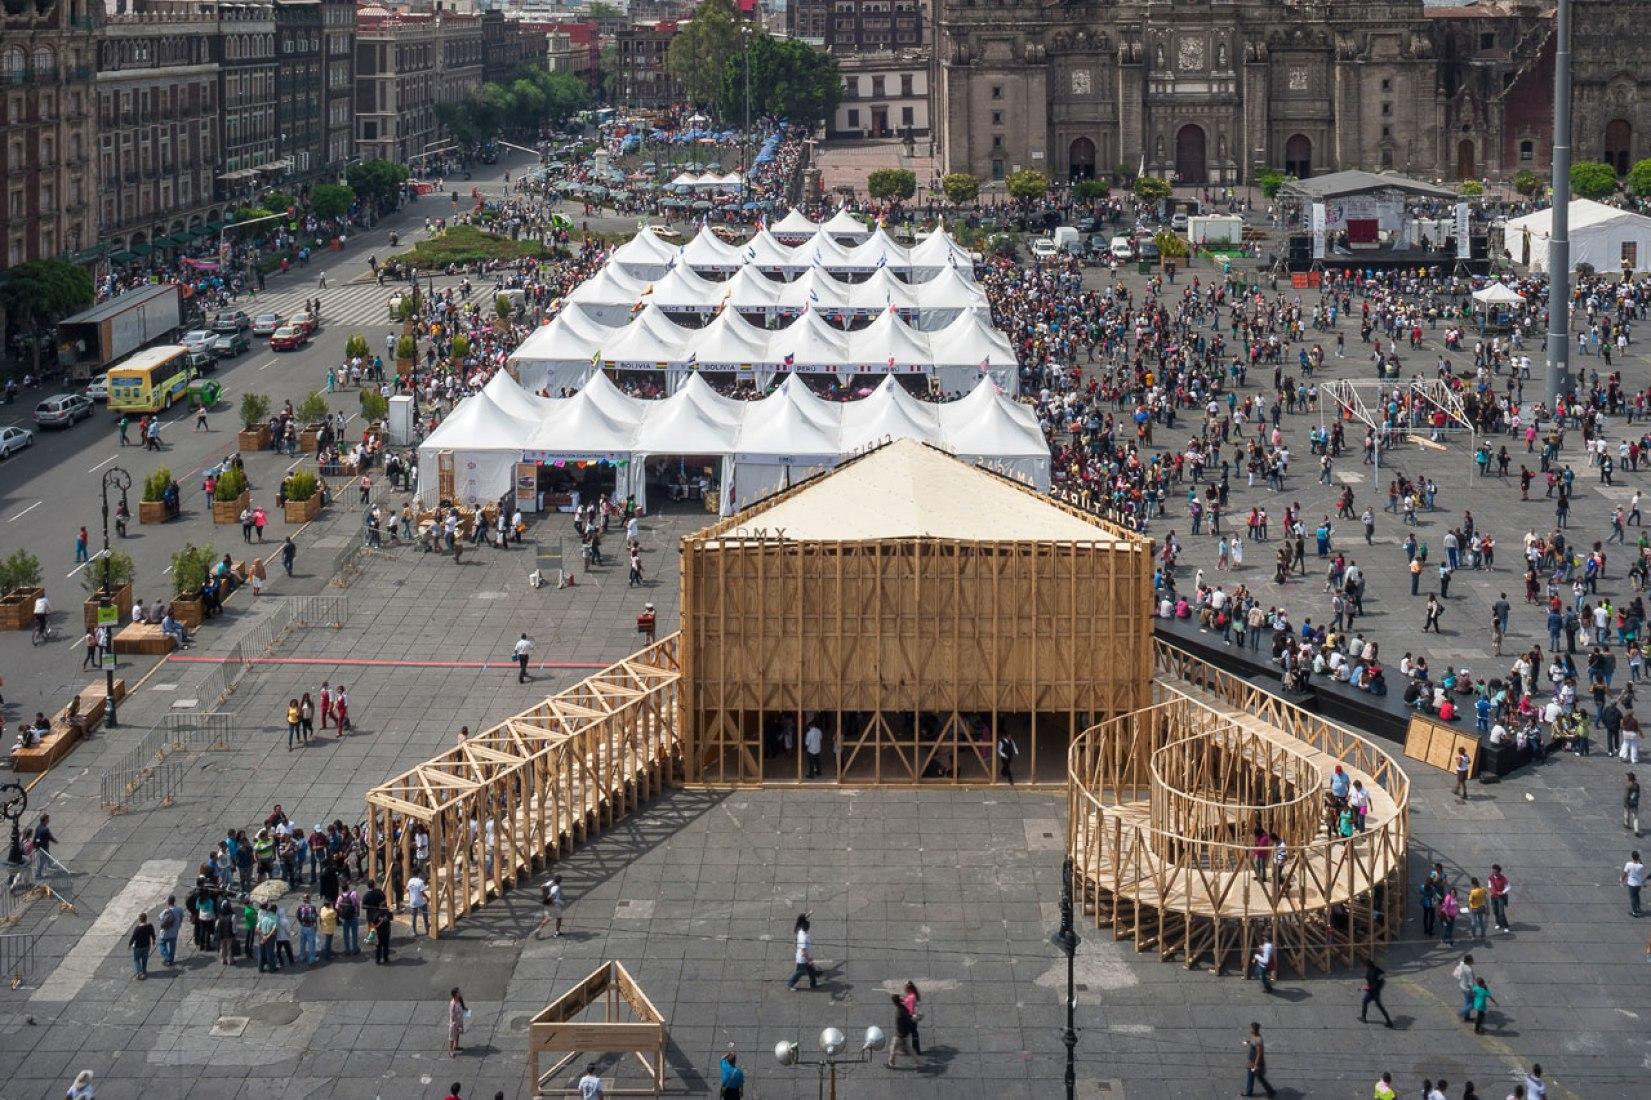 Ganador MCHAP.emerge 2014/15. Pabellón de México para la Feria de las Culturas 2014 por Productora. Fotografía © Luis Gallardo